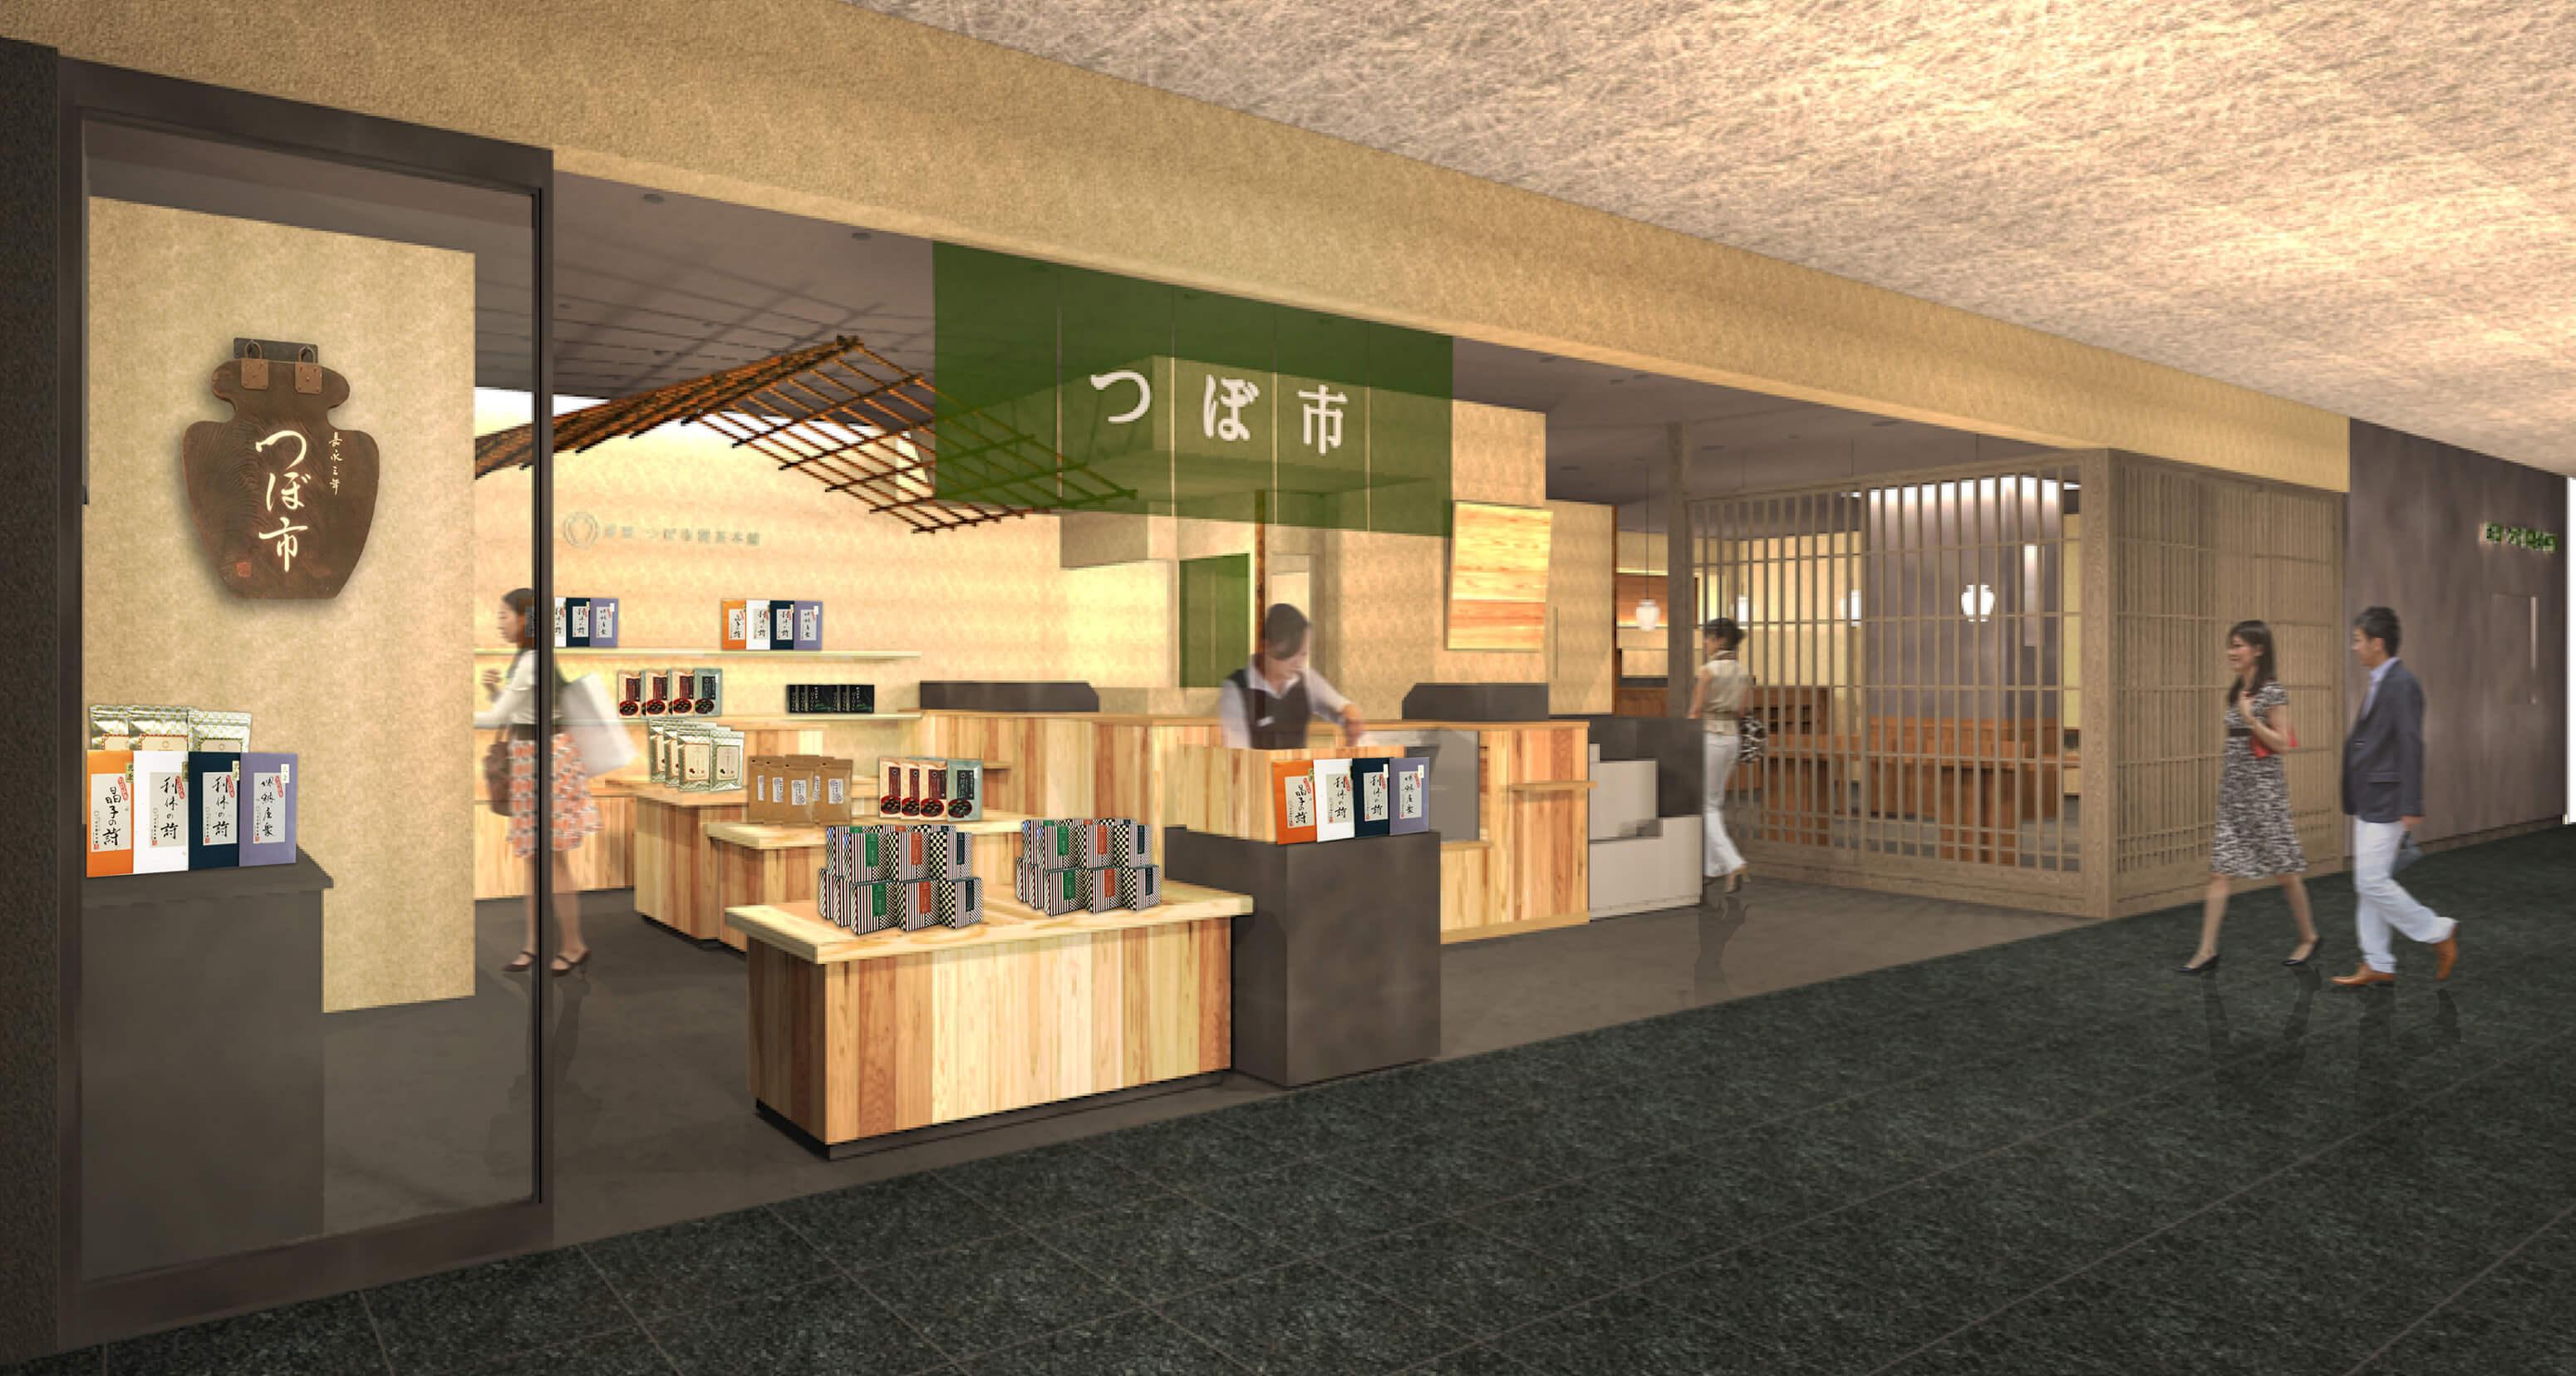 在「NAMBA SKYO」大排長龍的茶舖老店「つぼ市製茶本舗」開幕 在大阪、